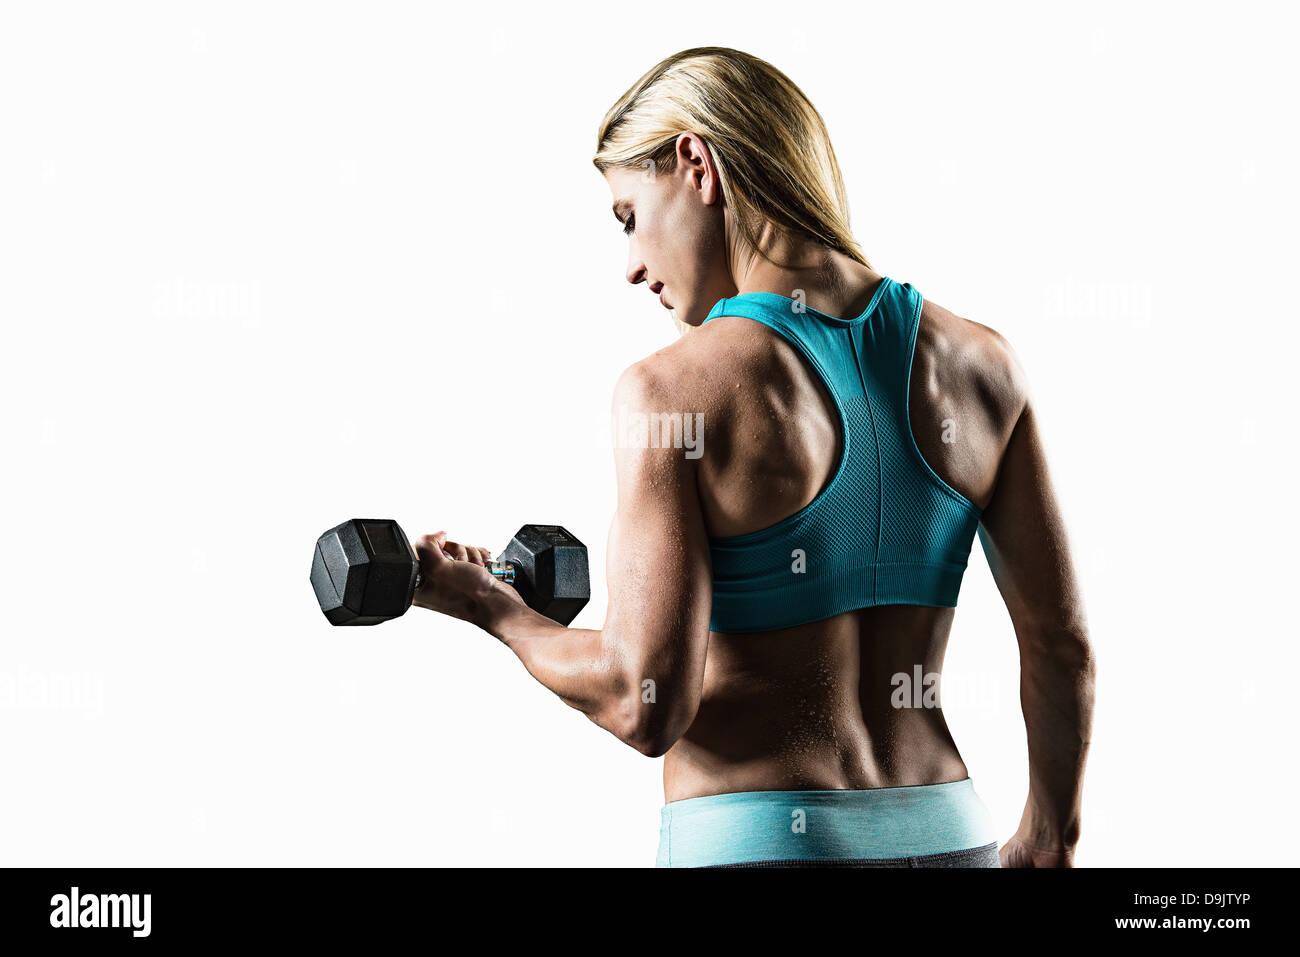 Mujer joven realizar flexiones de brazos (bíceps), Foto de estudio Imagen De Stock